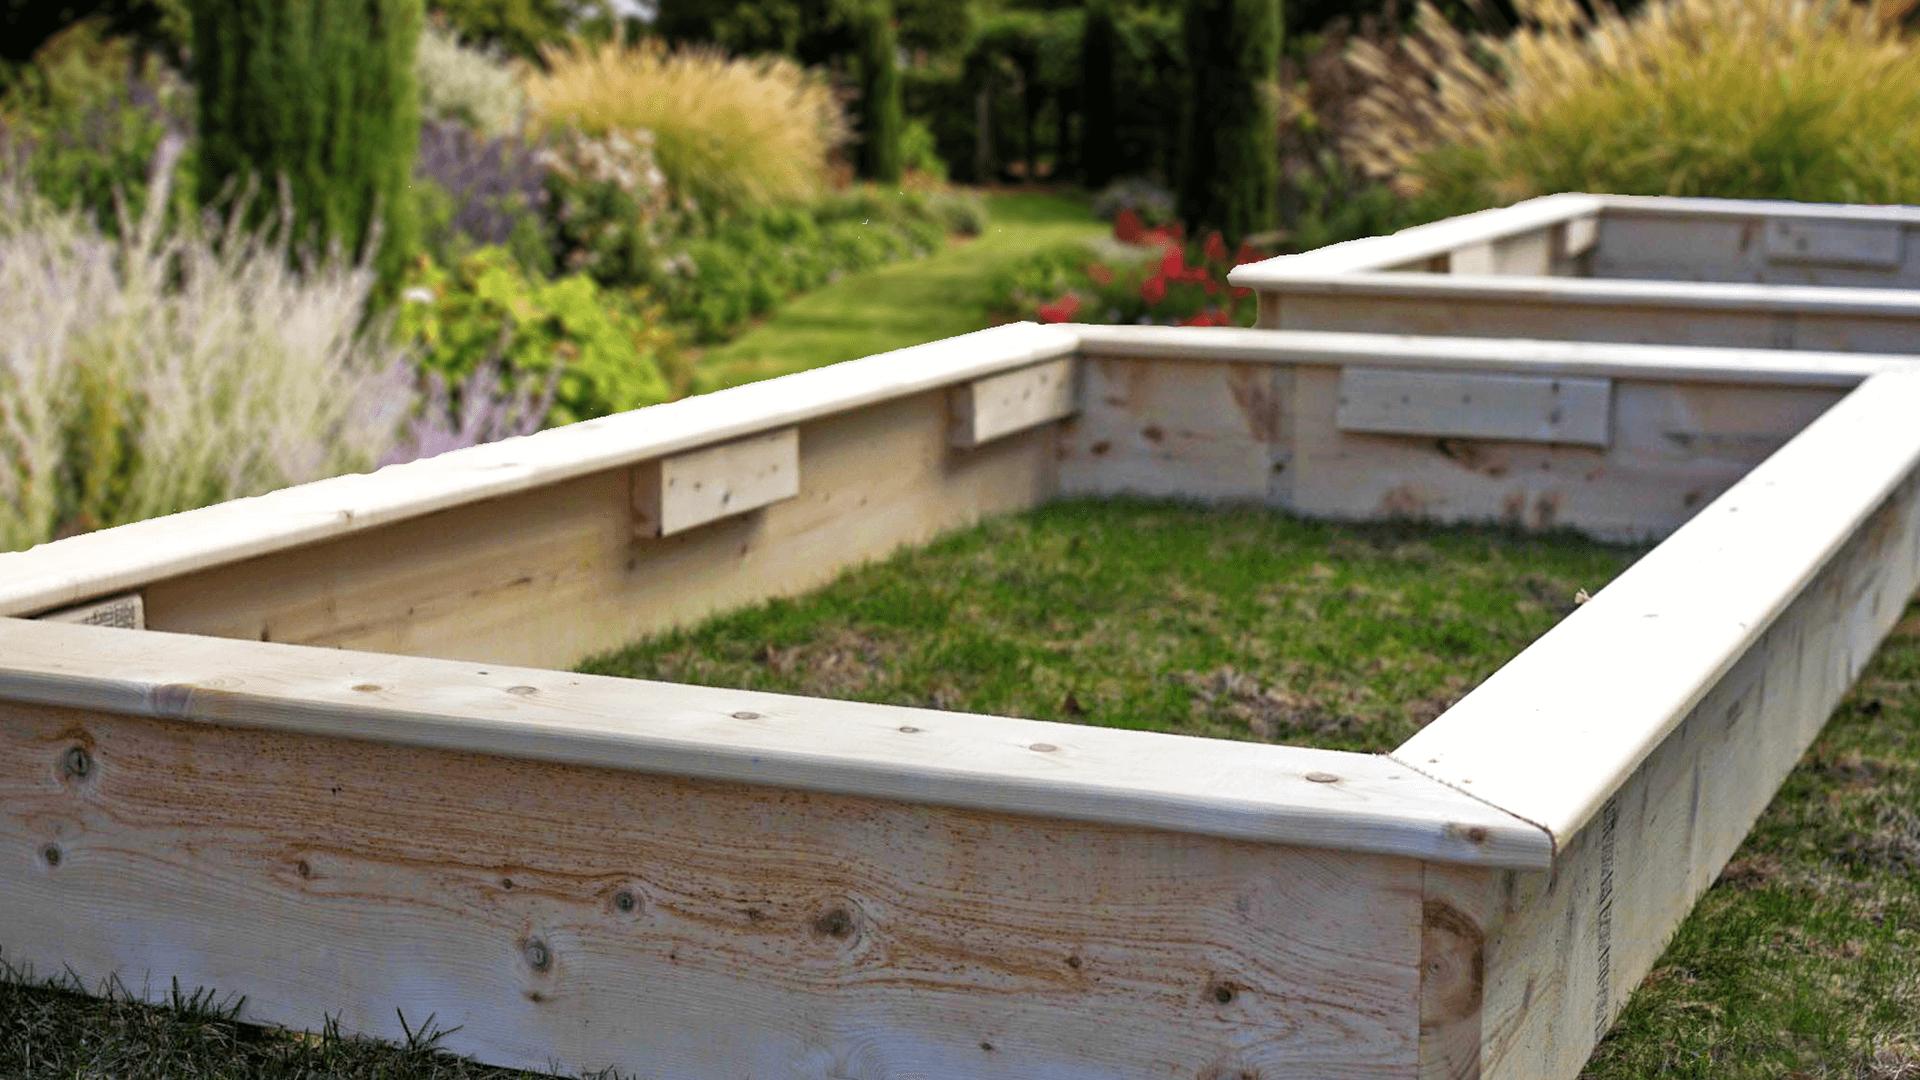 assembled garden bed